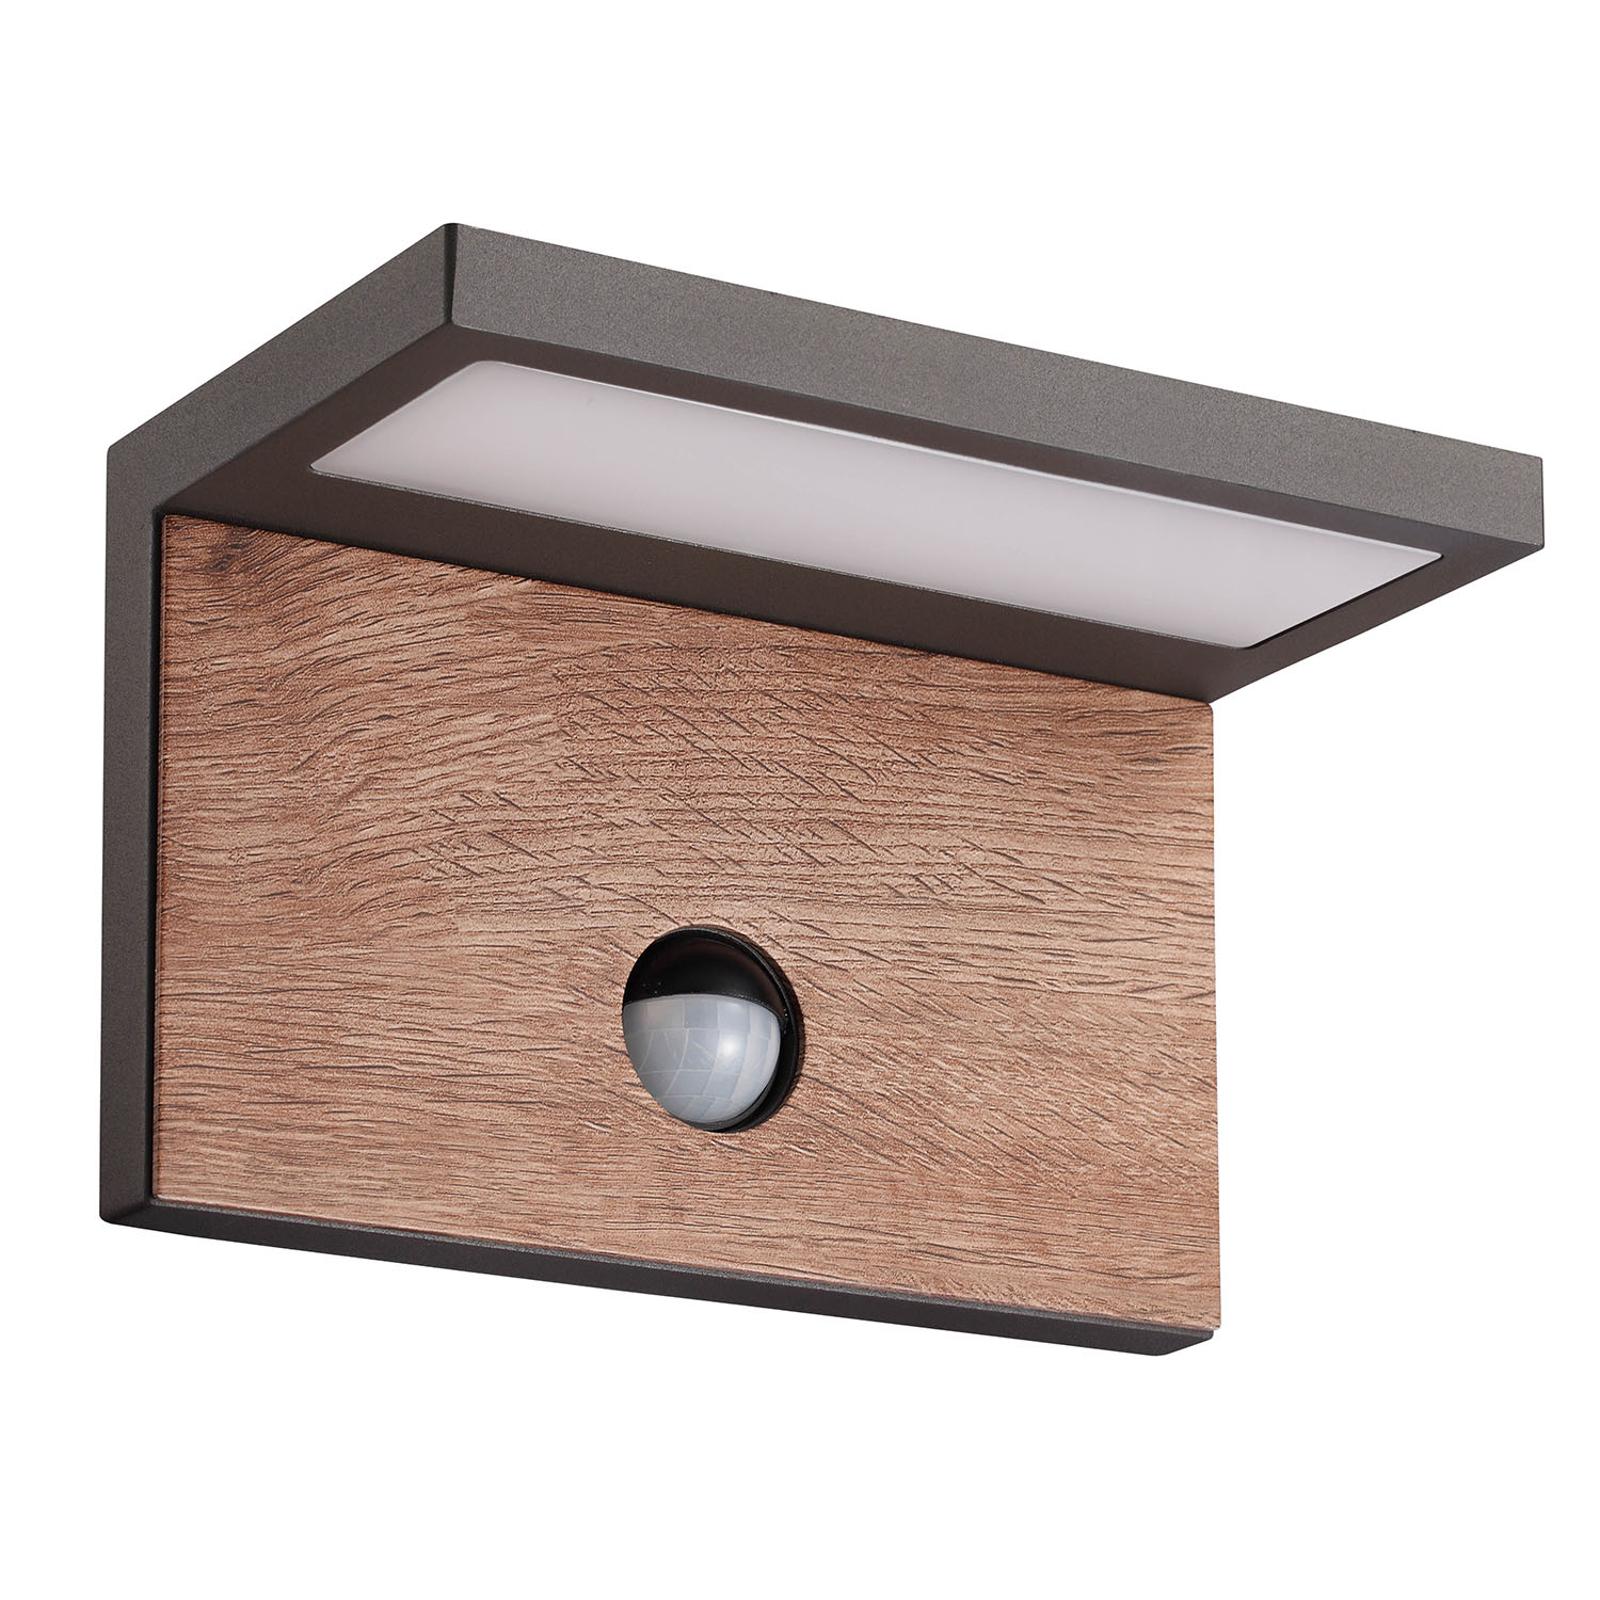 Ruka udendørs LED-væglampe med bevægelsessensor